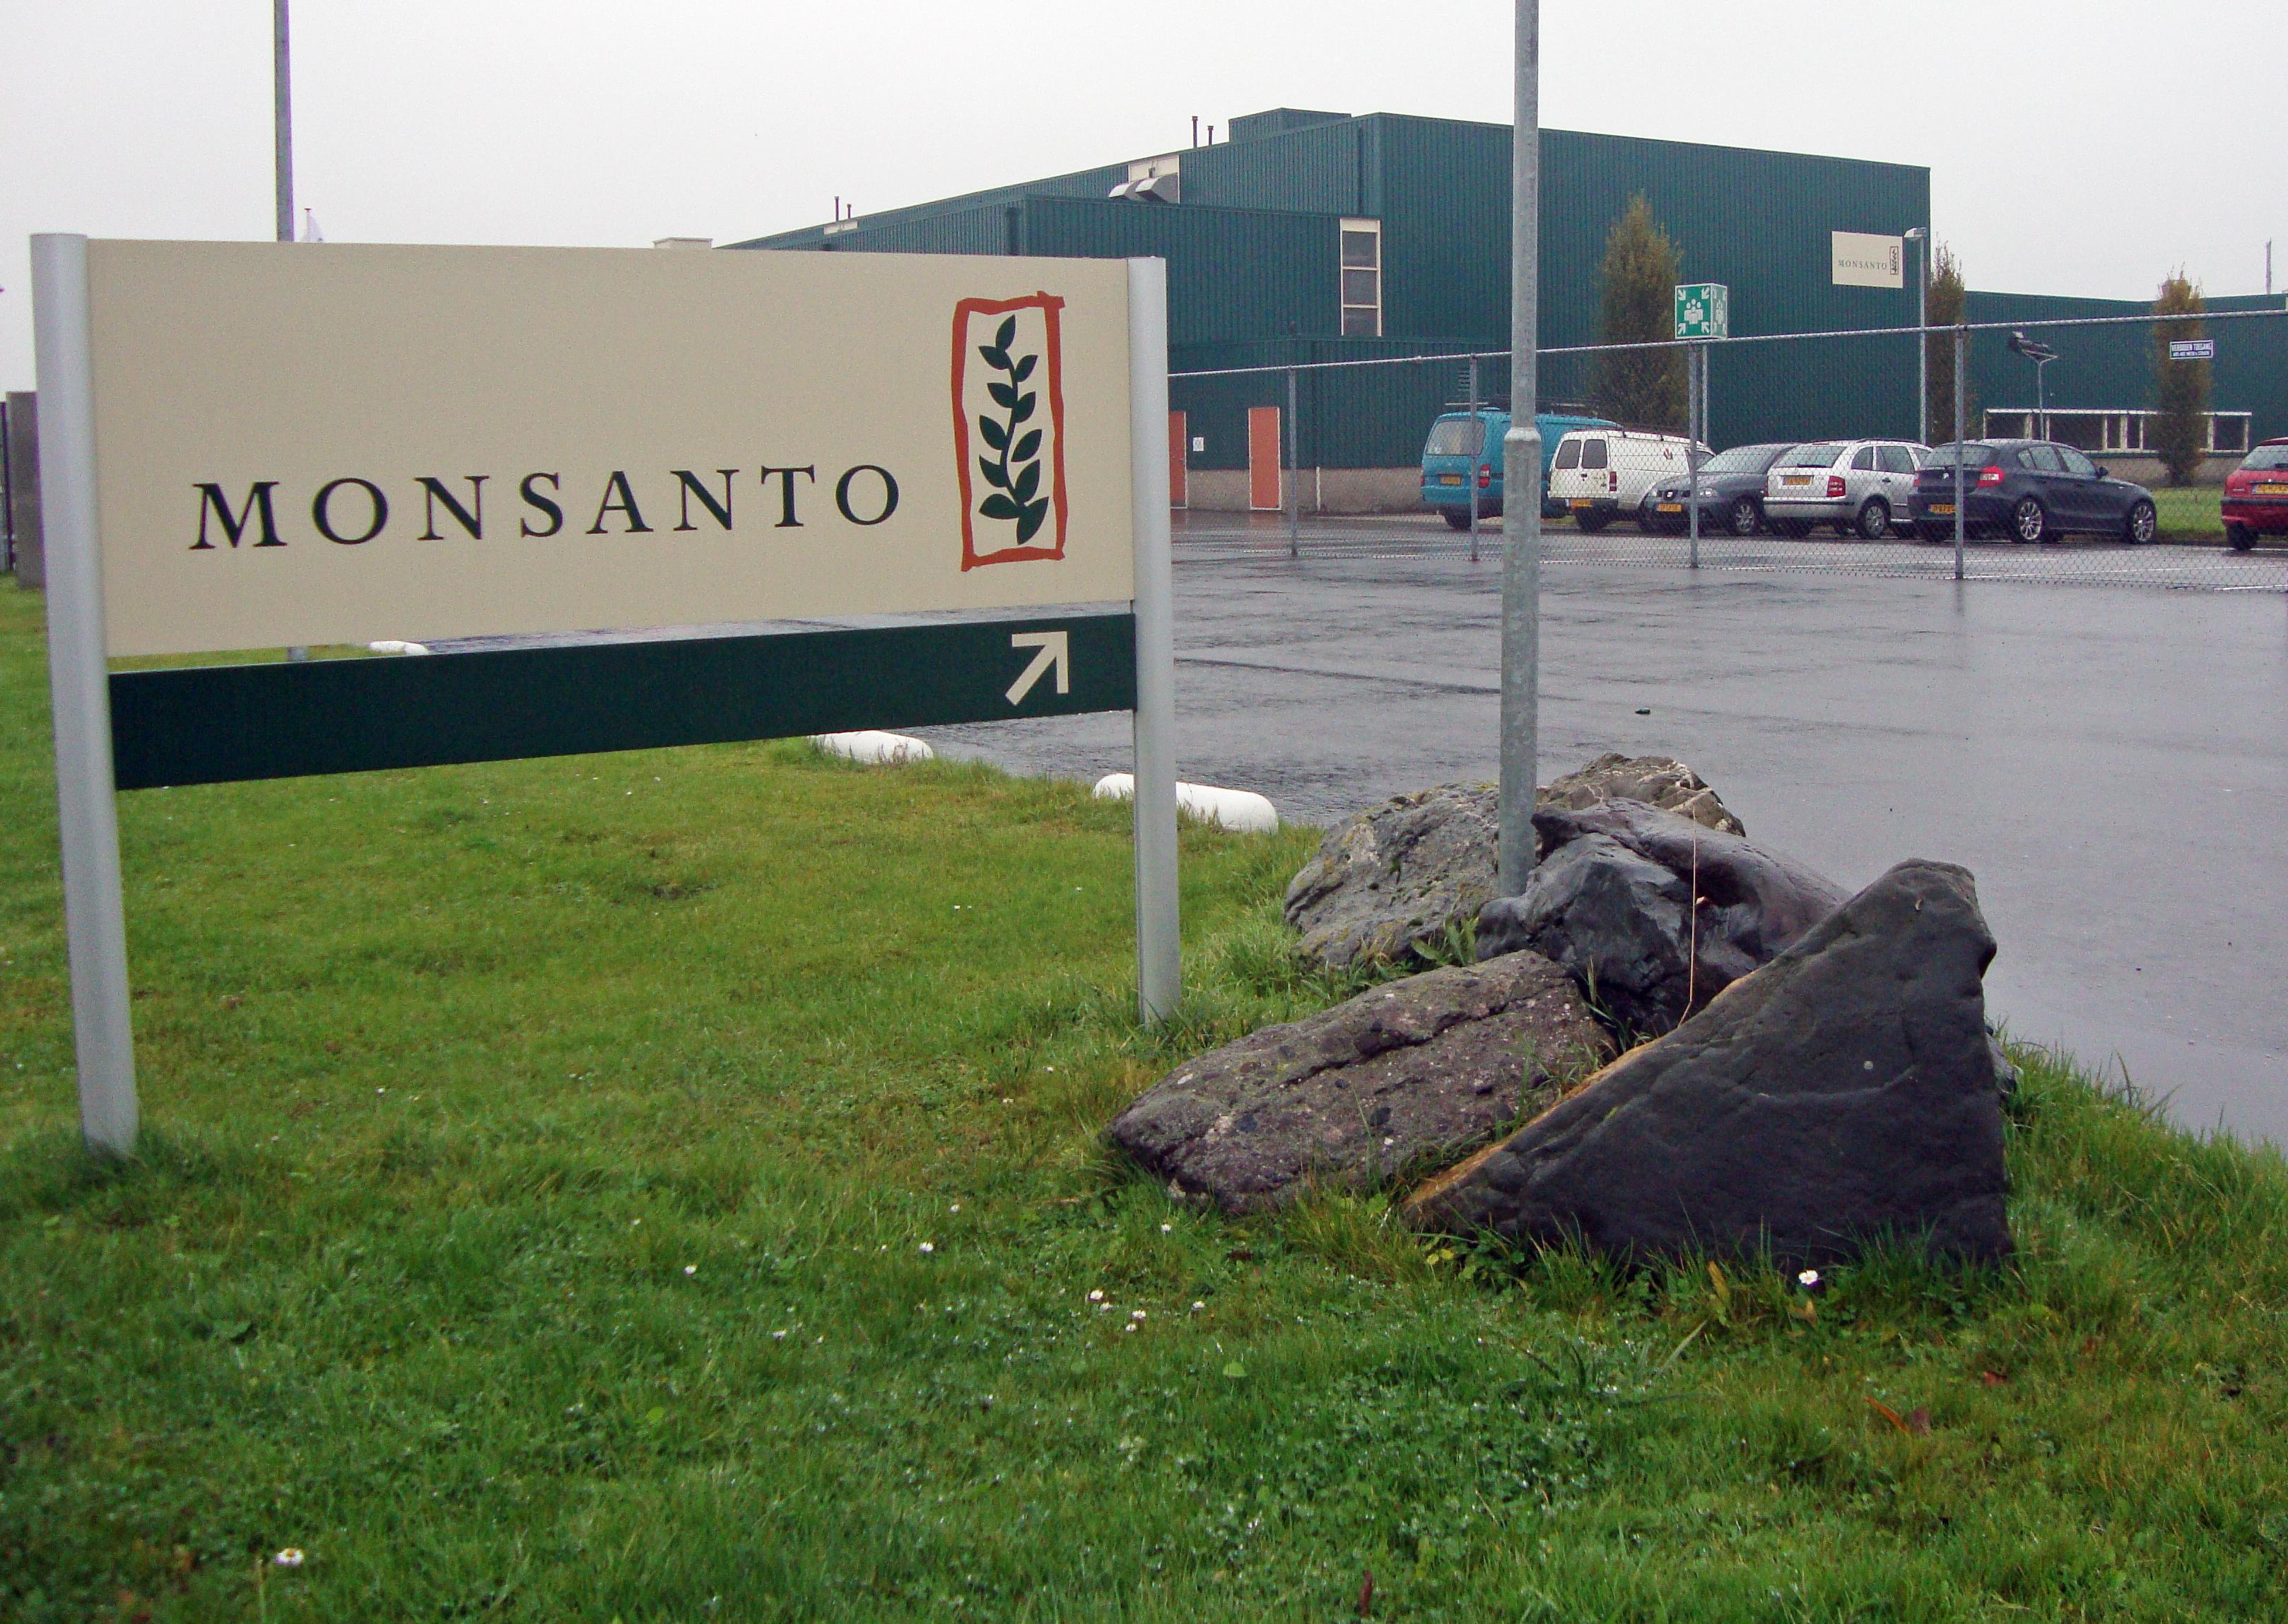 USA erlauben Monsanto-Übernahme durch Bayer